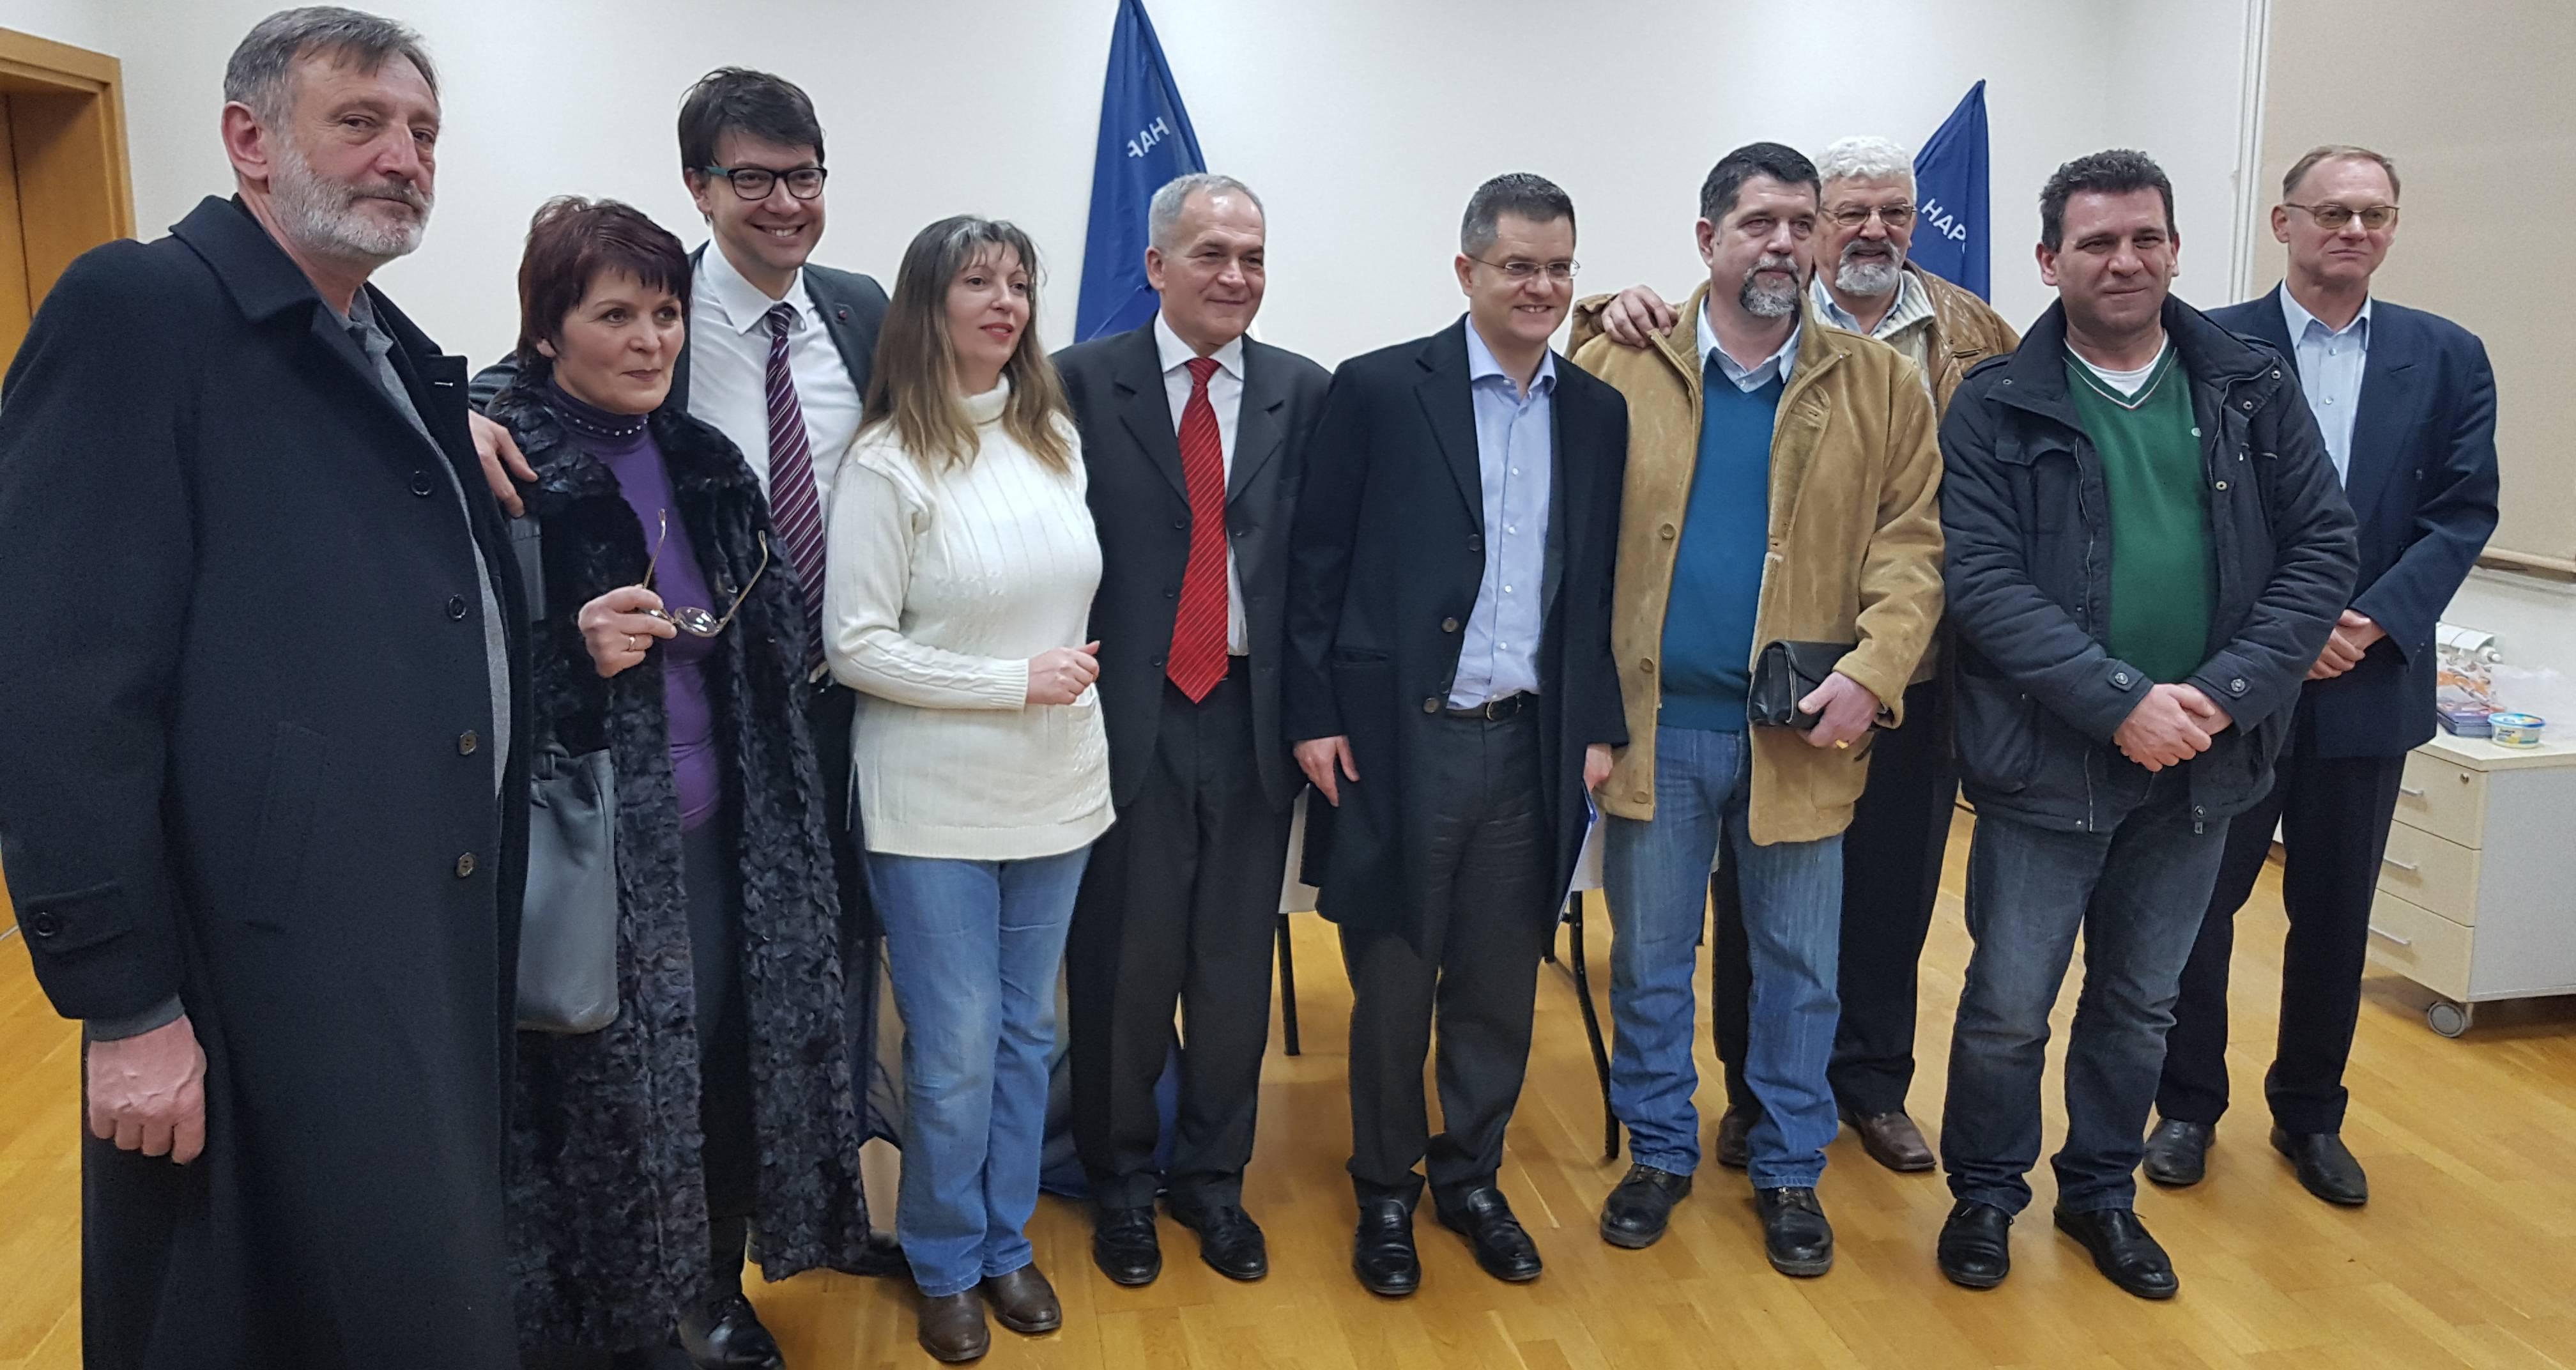 Јеремић: Победа у Београду да спречимо срастање државе са организованим криминалом